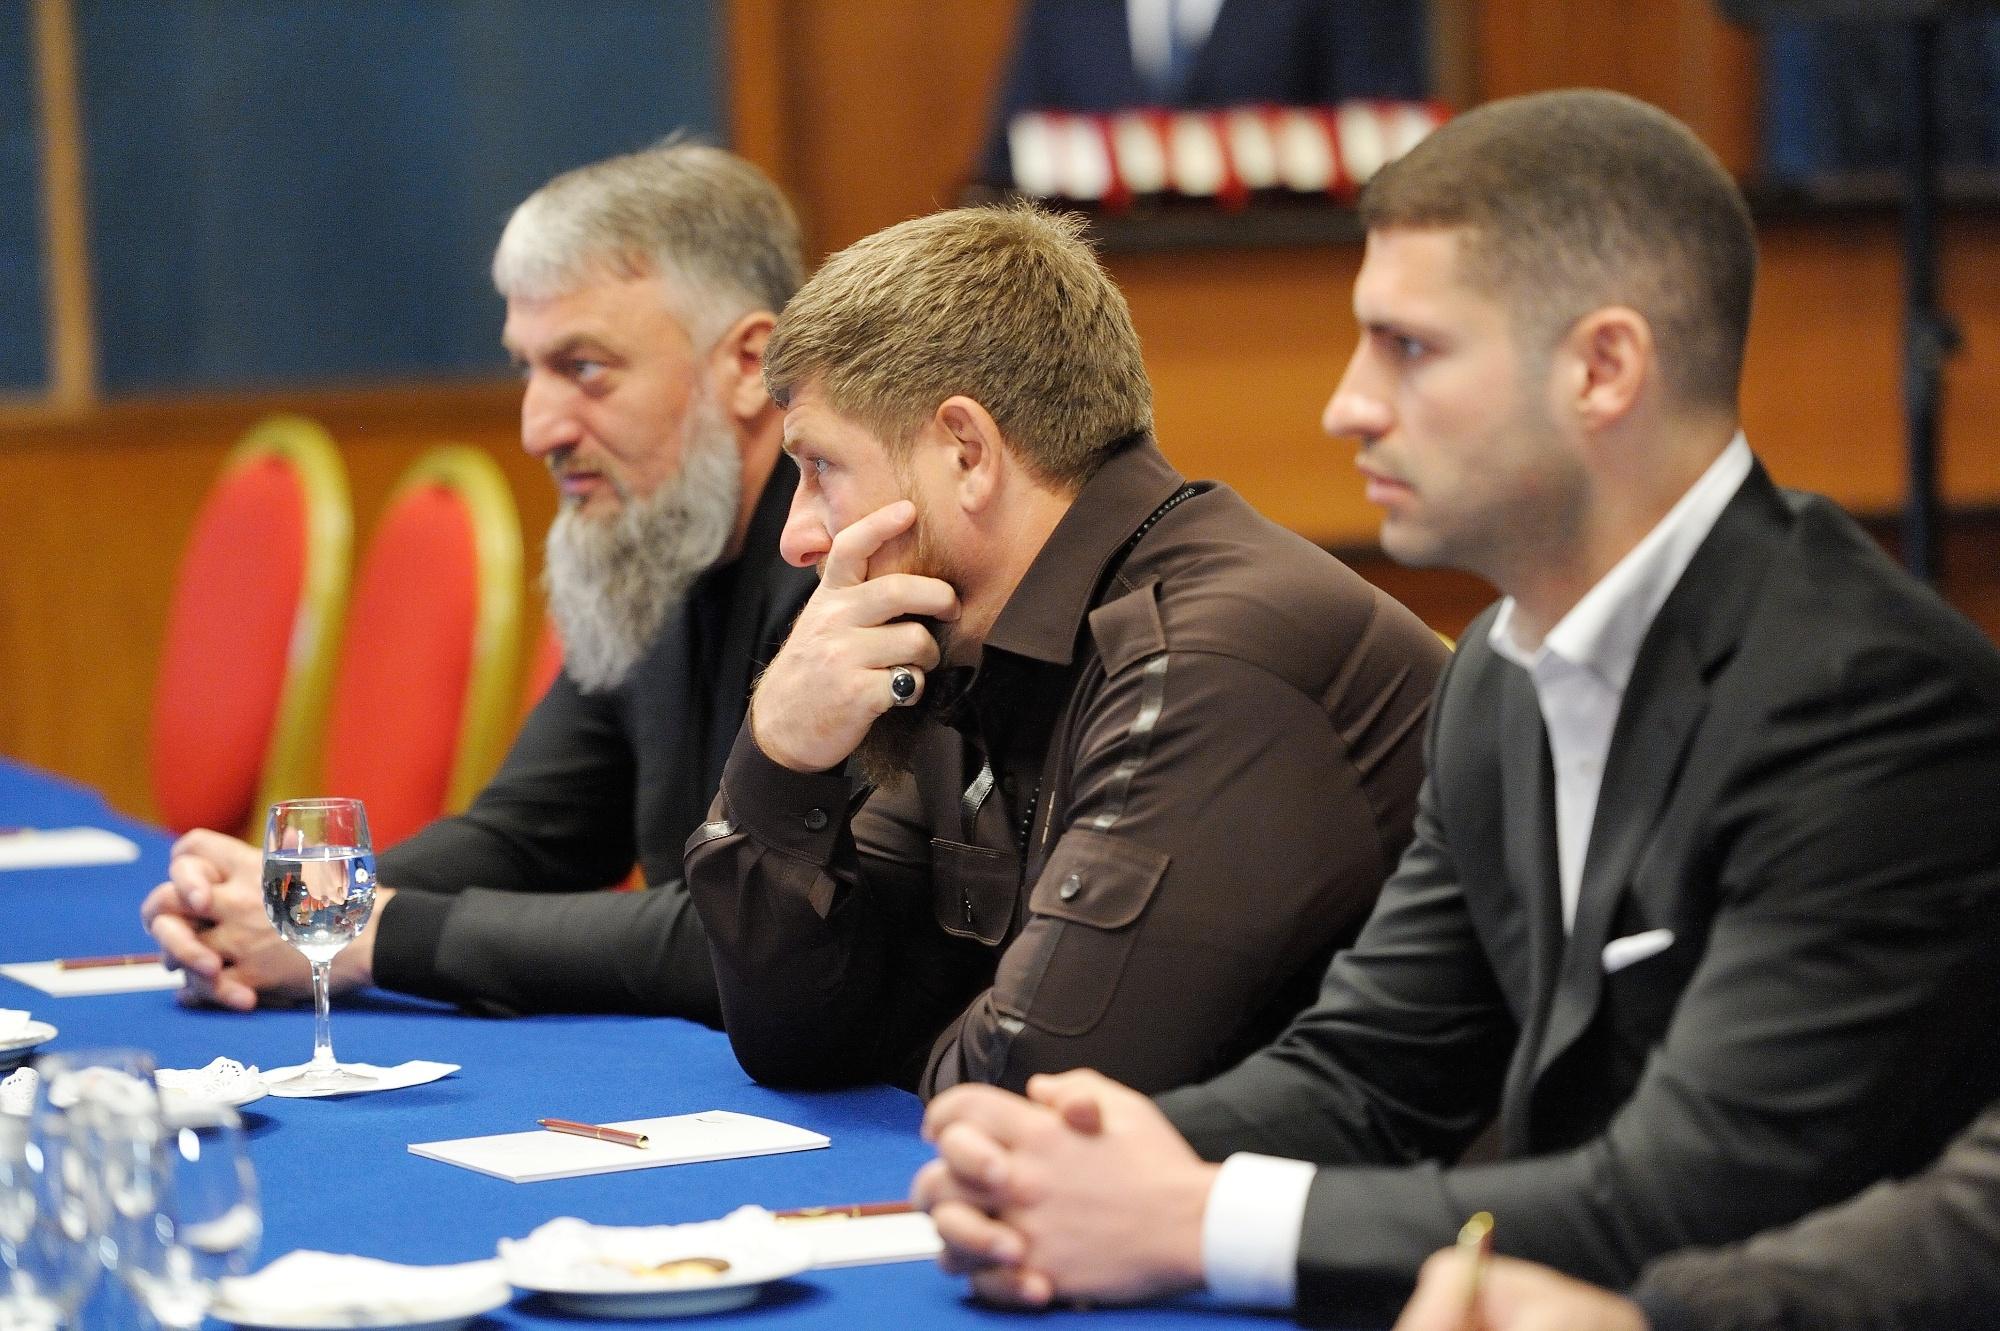 Кадыров вновь спас россиян из ливийского заключения